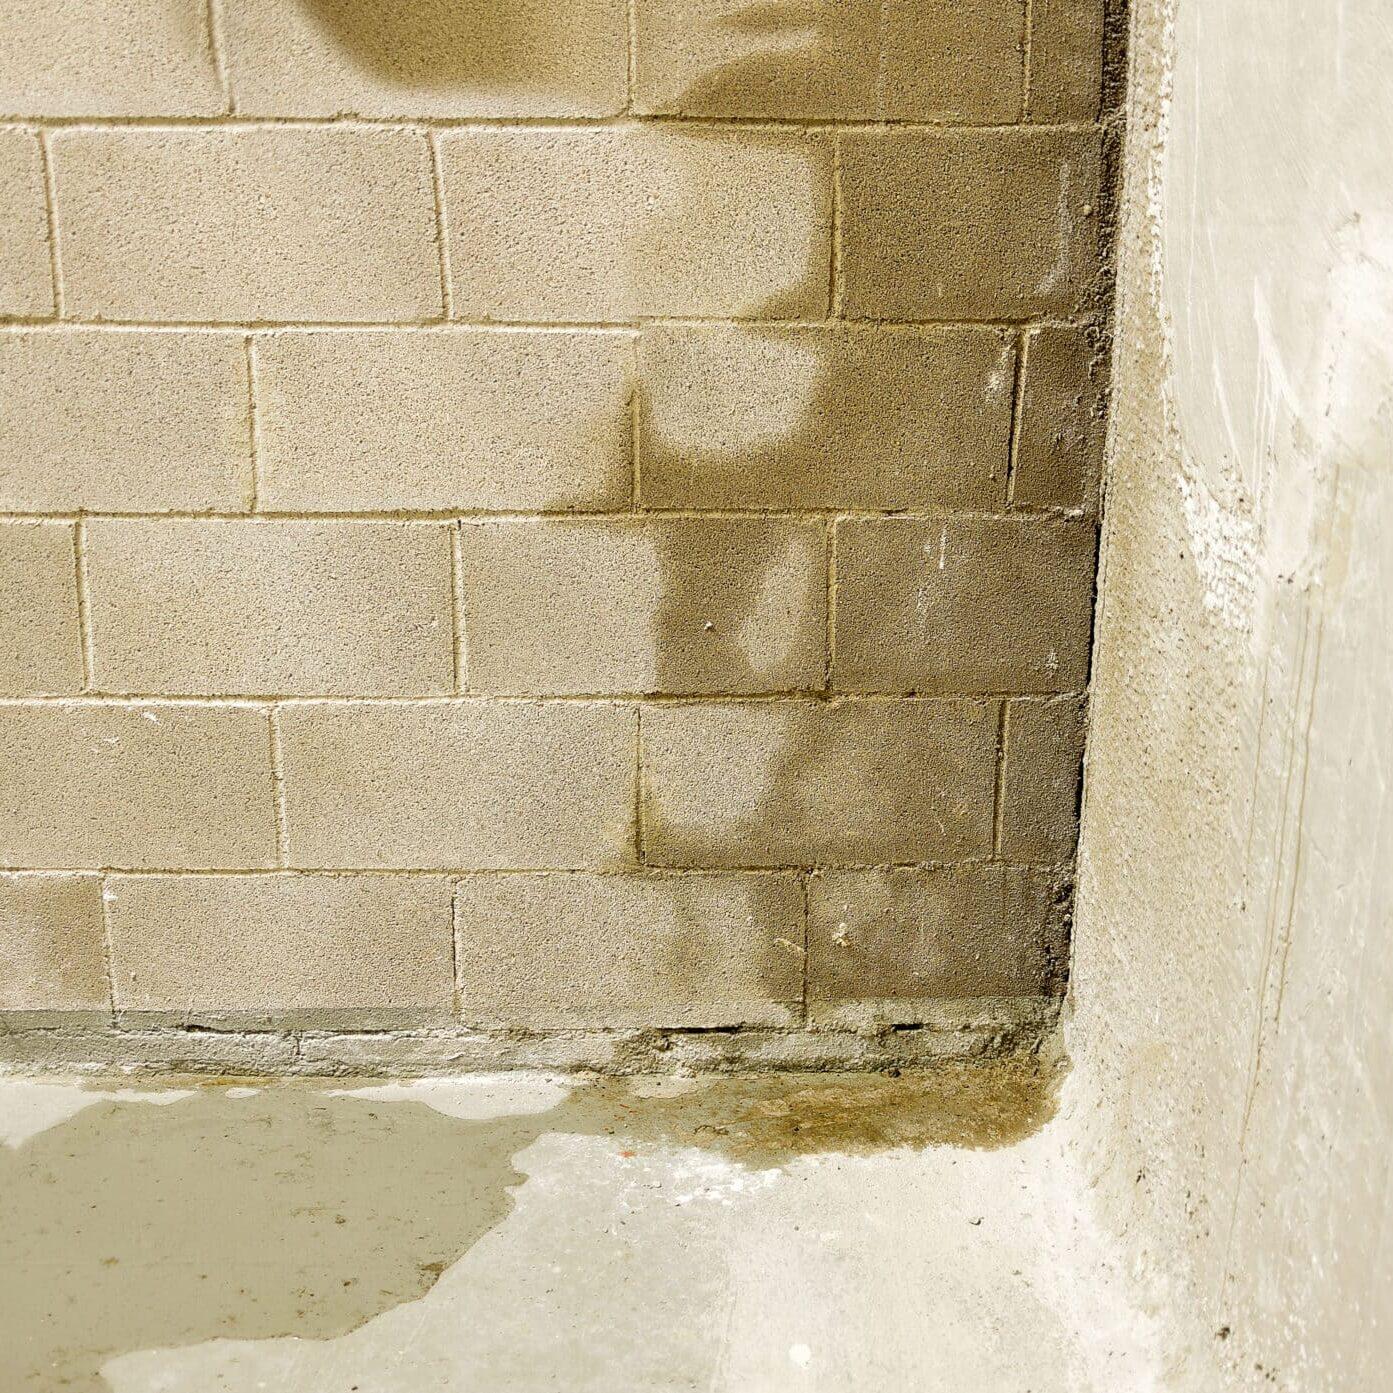 moisture-on-wall-basement-waterproofing